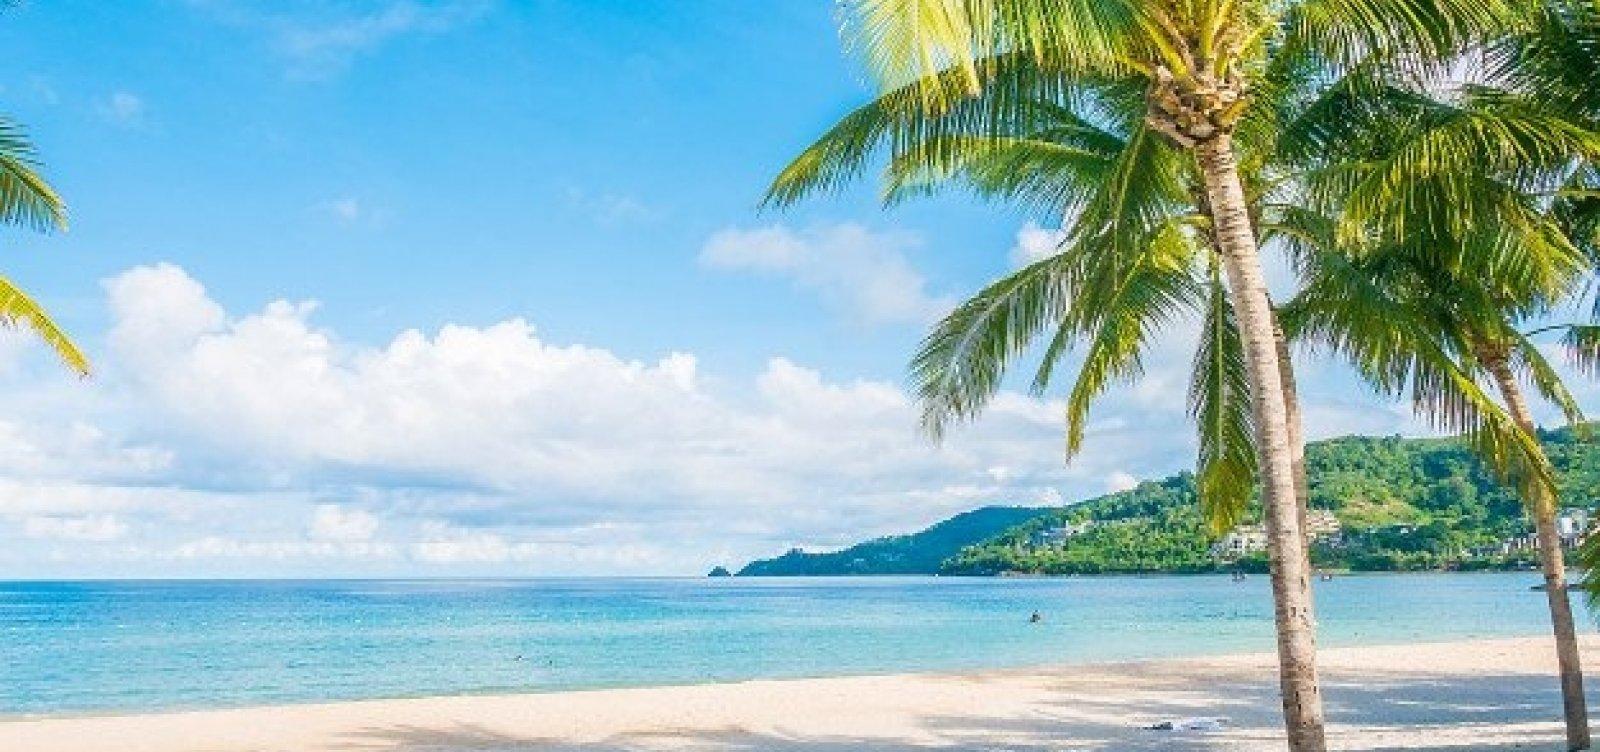 [Praias de Camaçari estão interditadas até 5 de março]